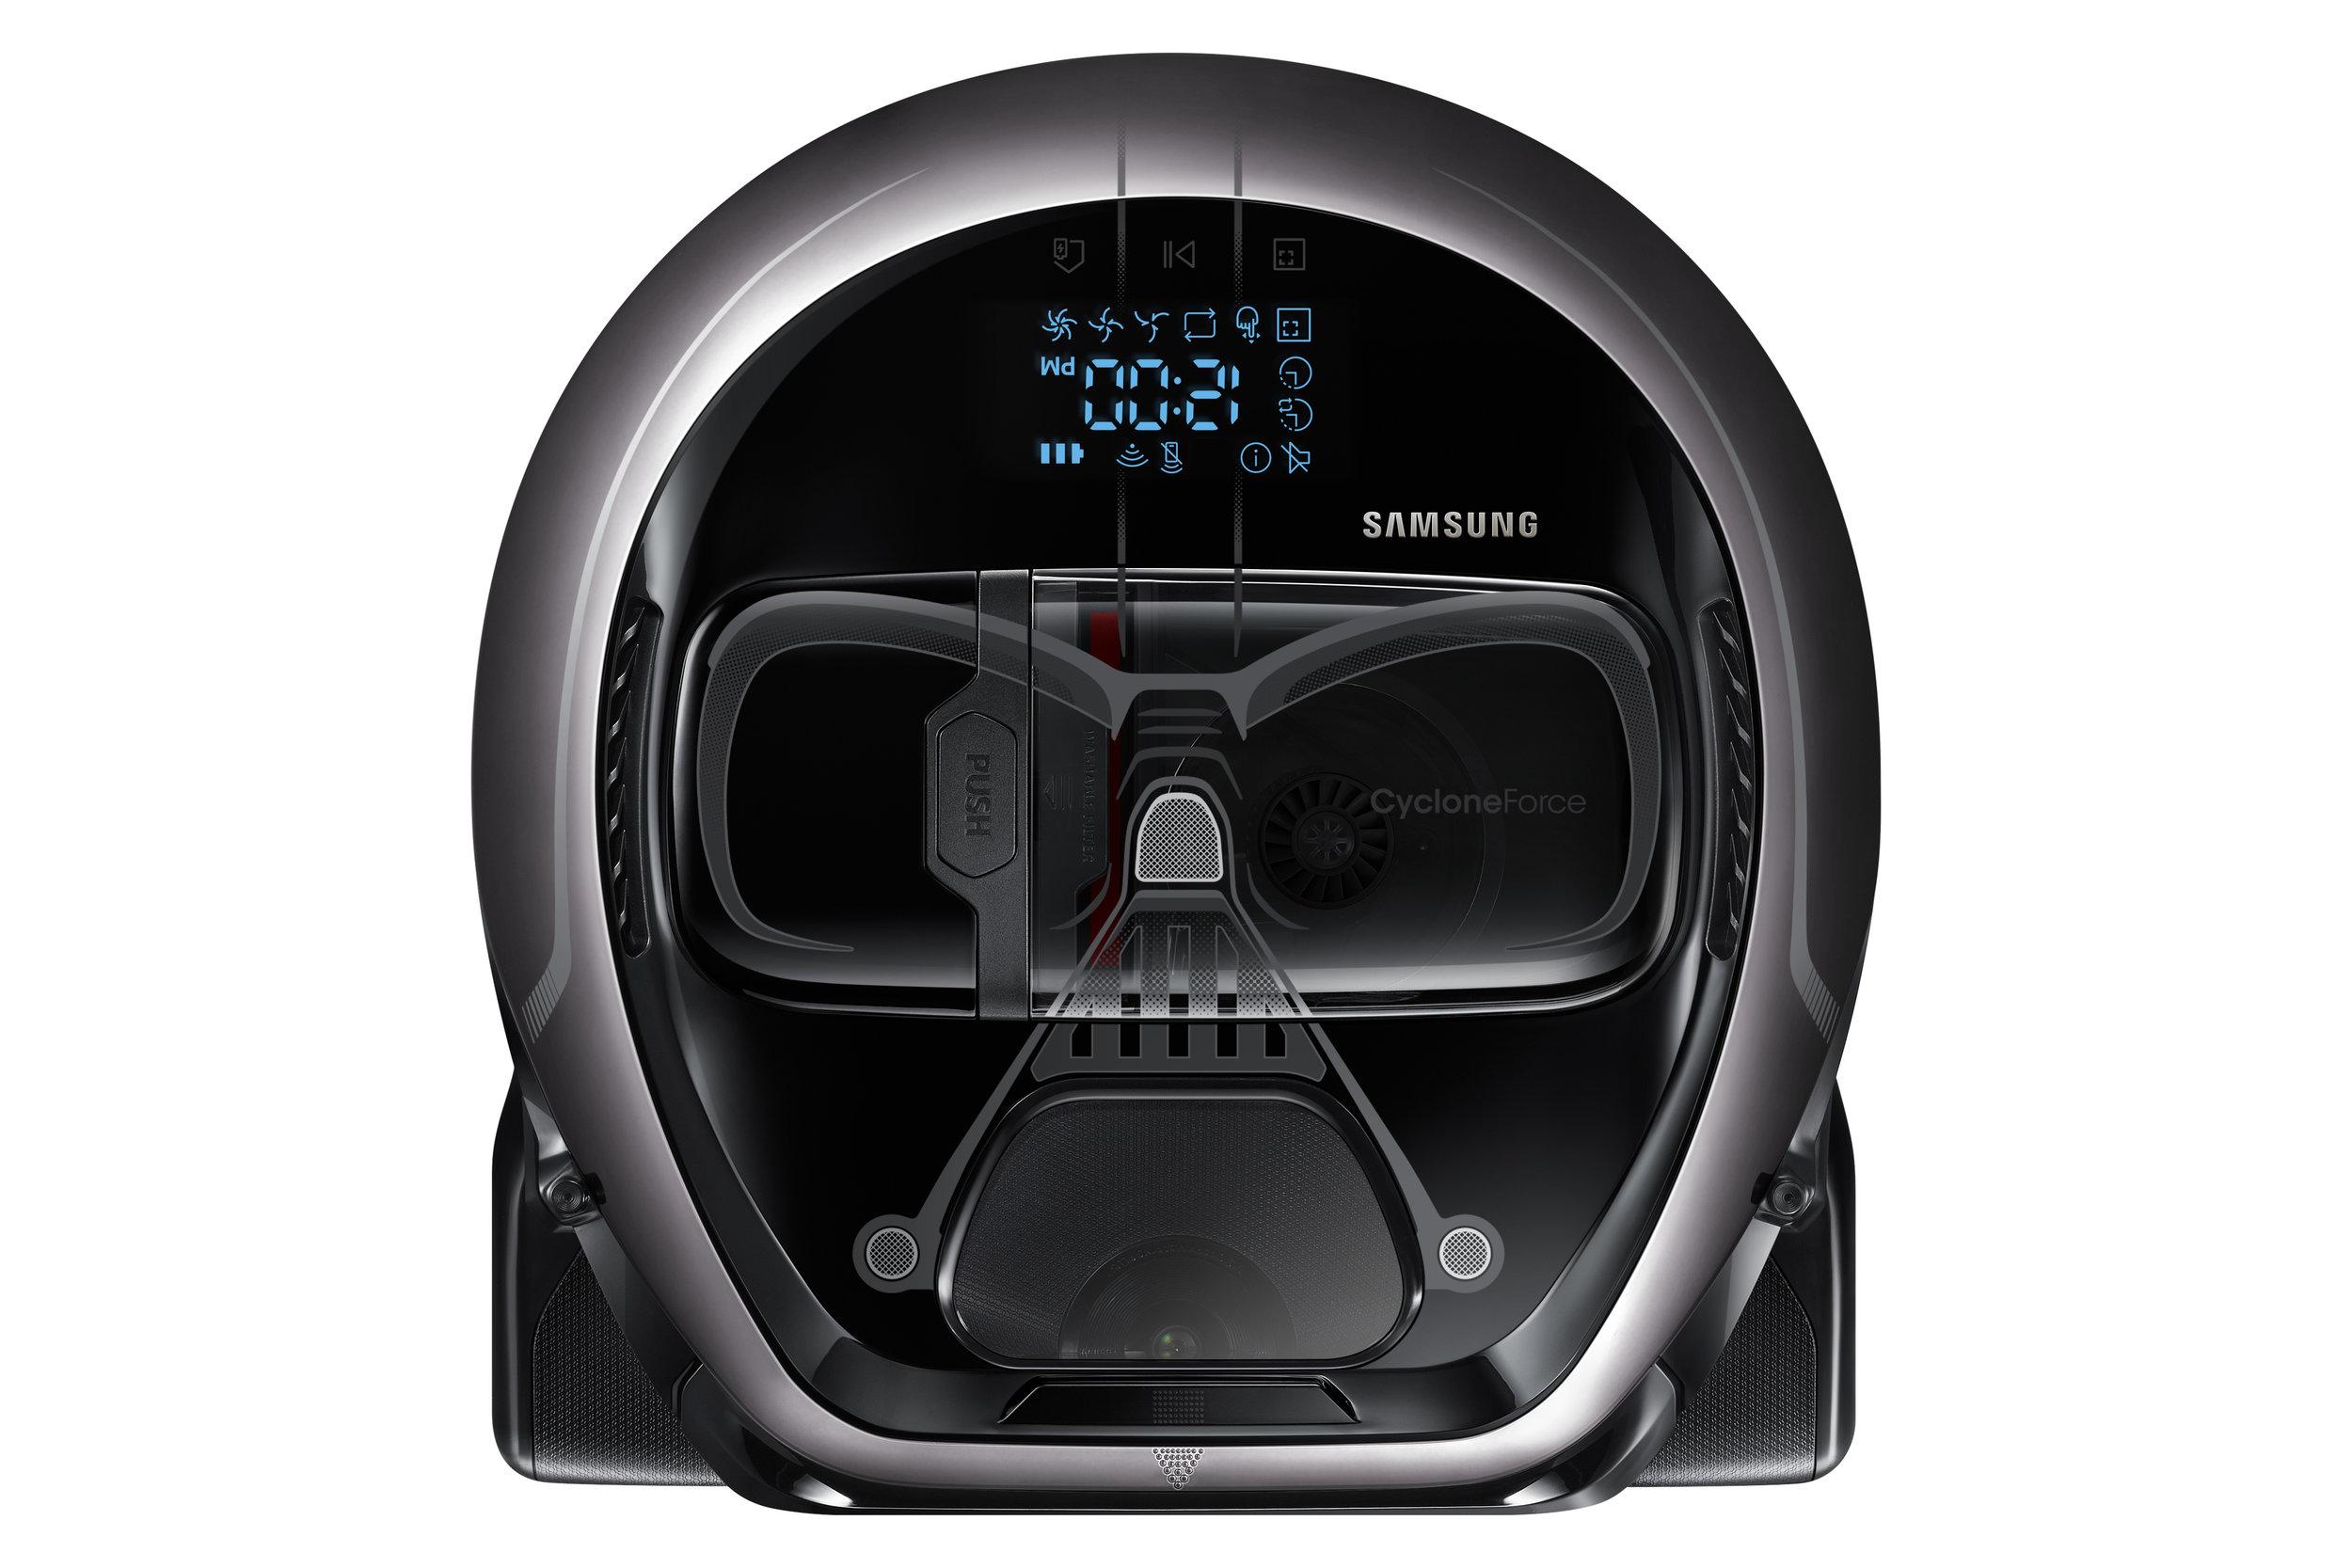 Staubsauger-Roboter von Samsung